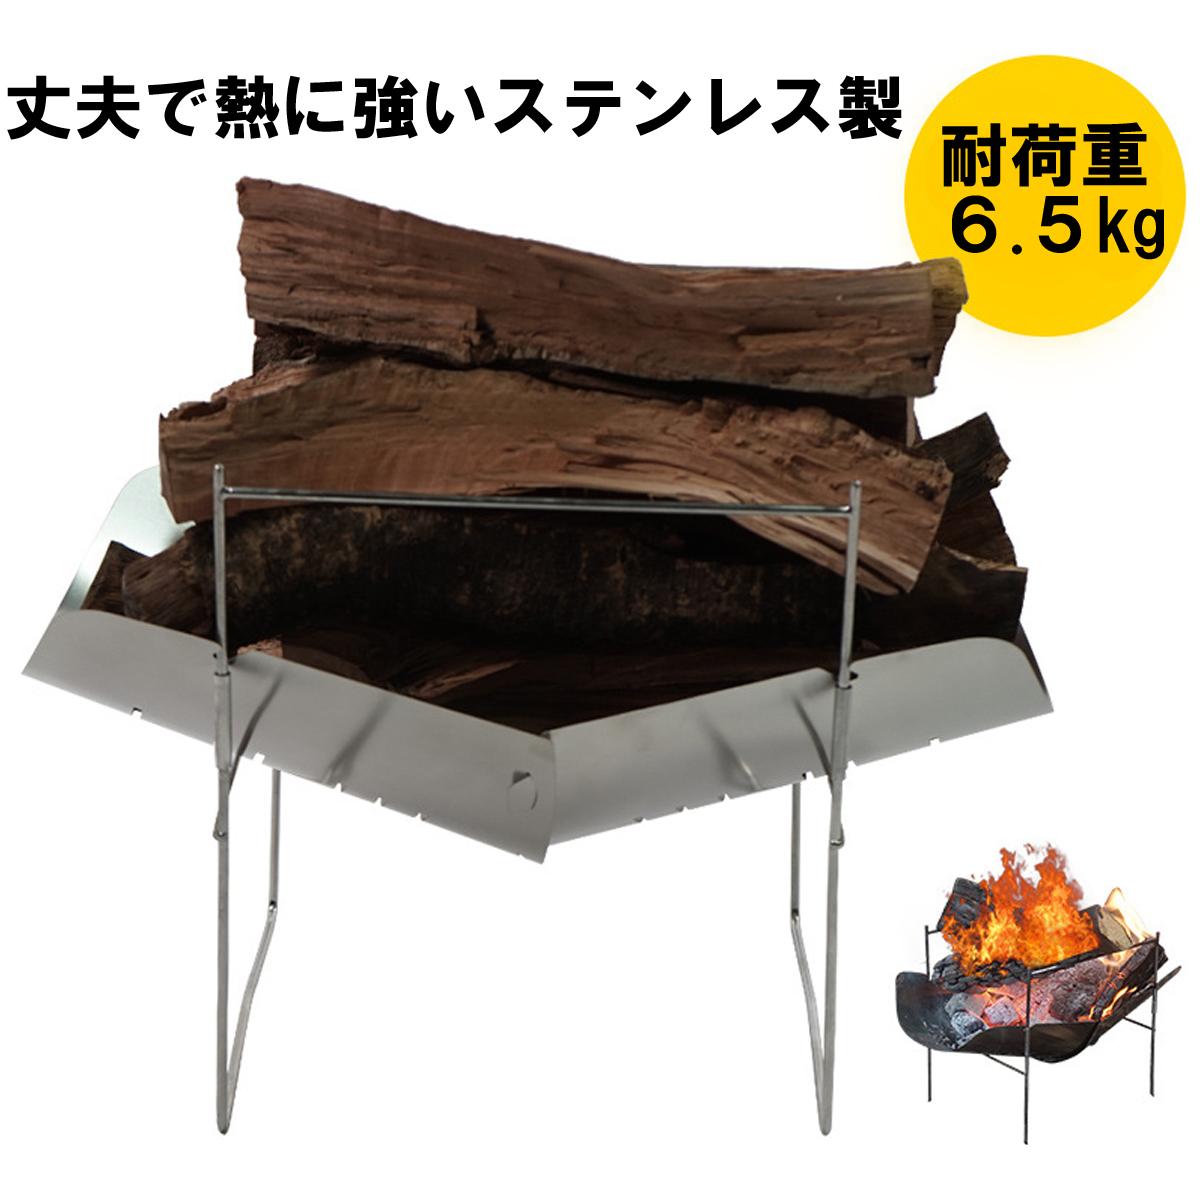 組み立て式軽量焚き火台 耐荷重6.5kg